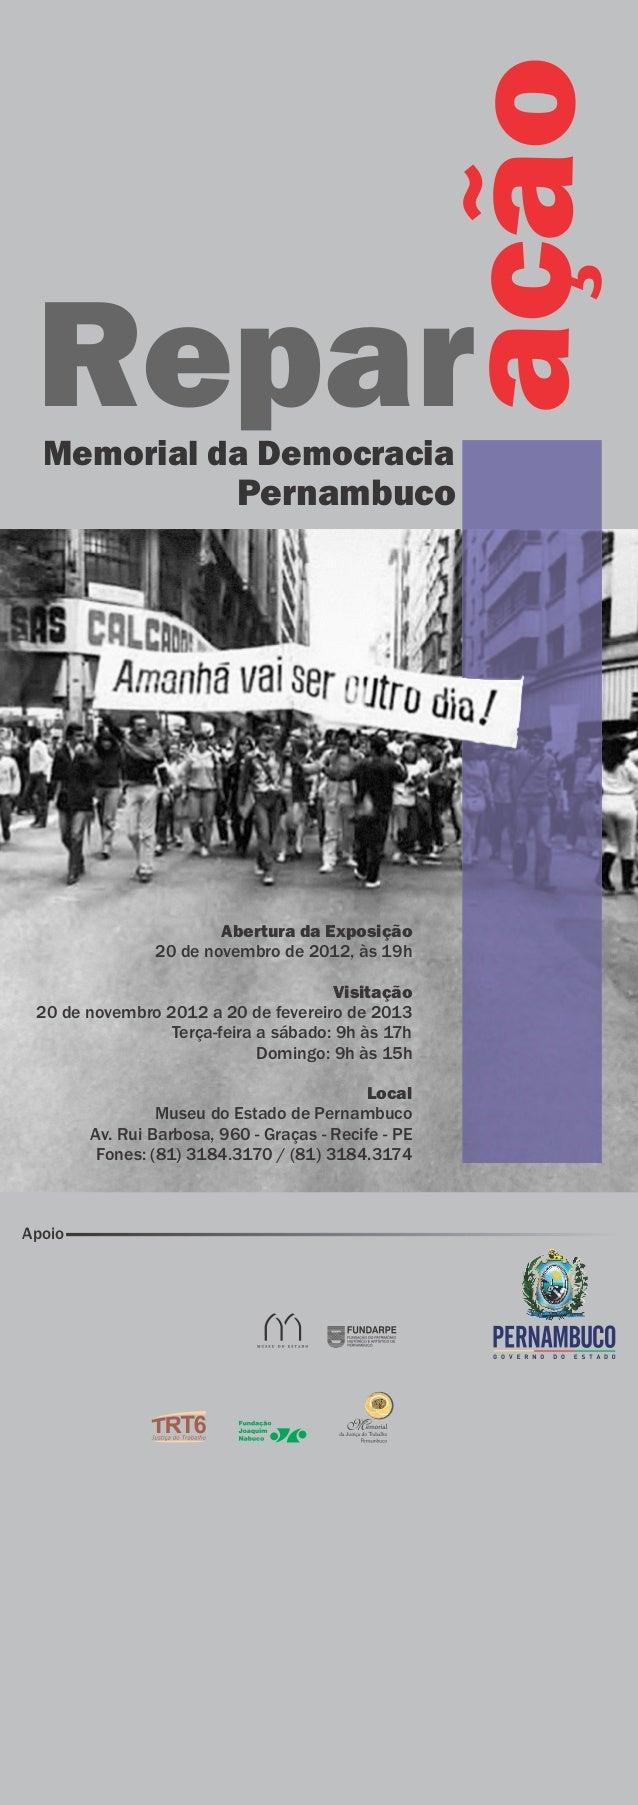 ação     C O N V I T E Repar  Memorial da Democracia            Pernambuco                                                ...